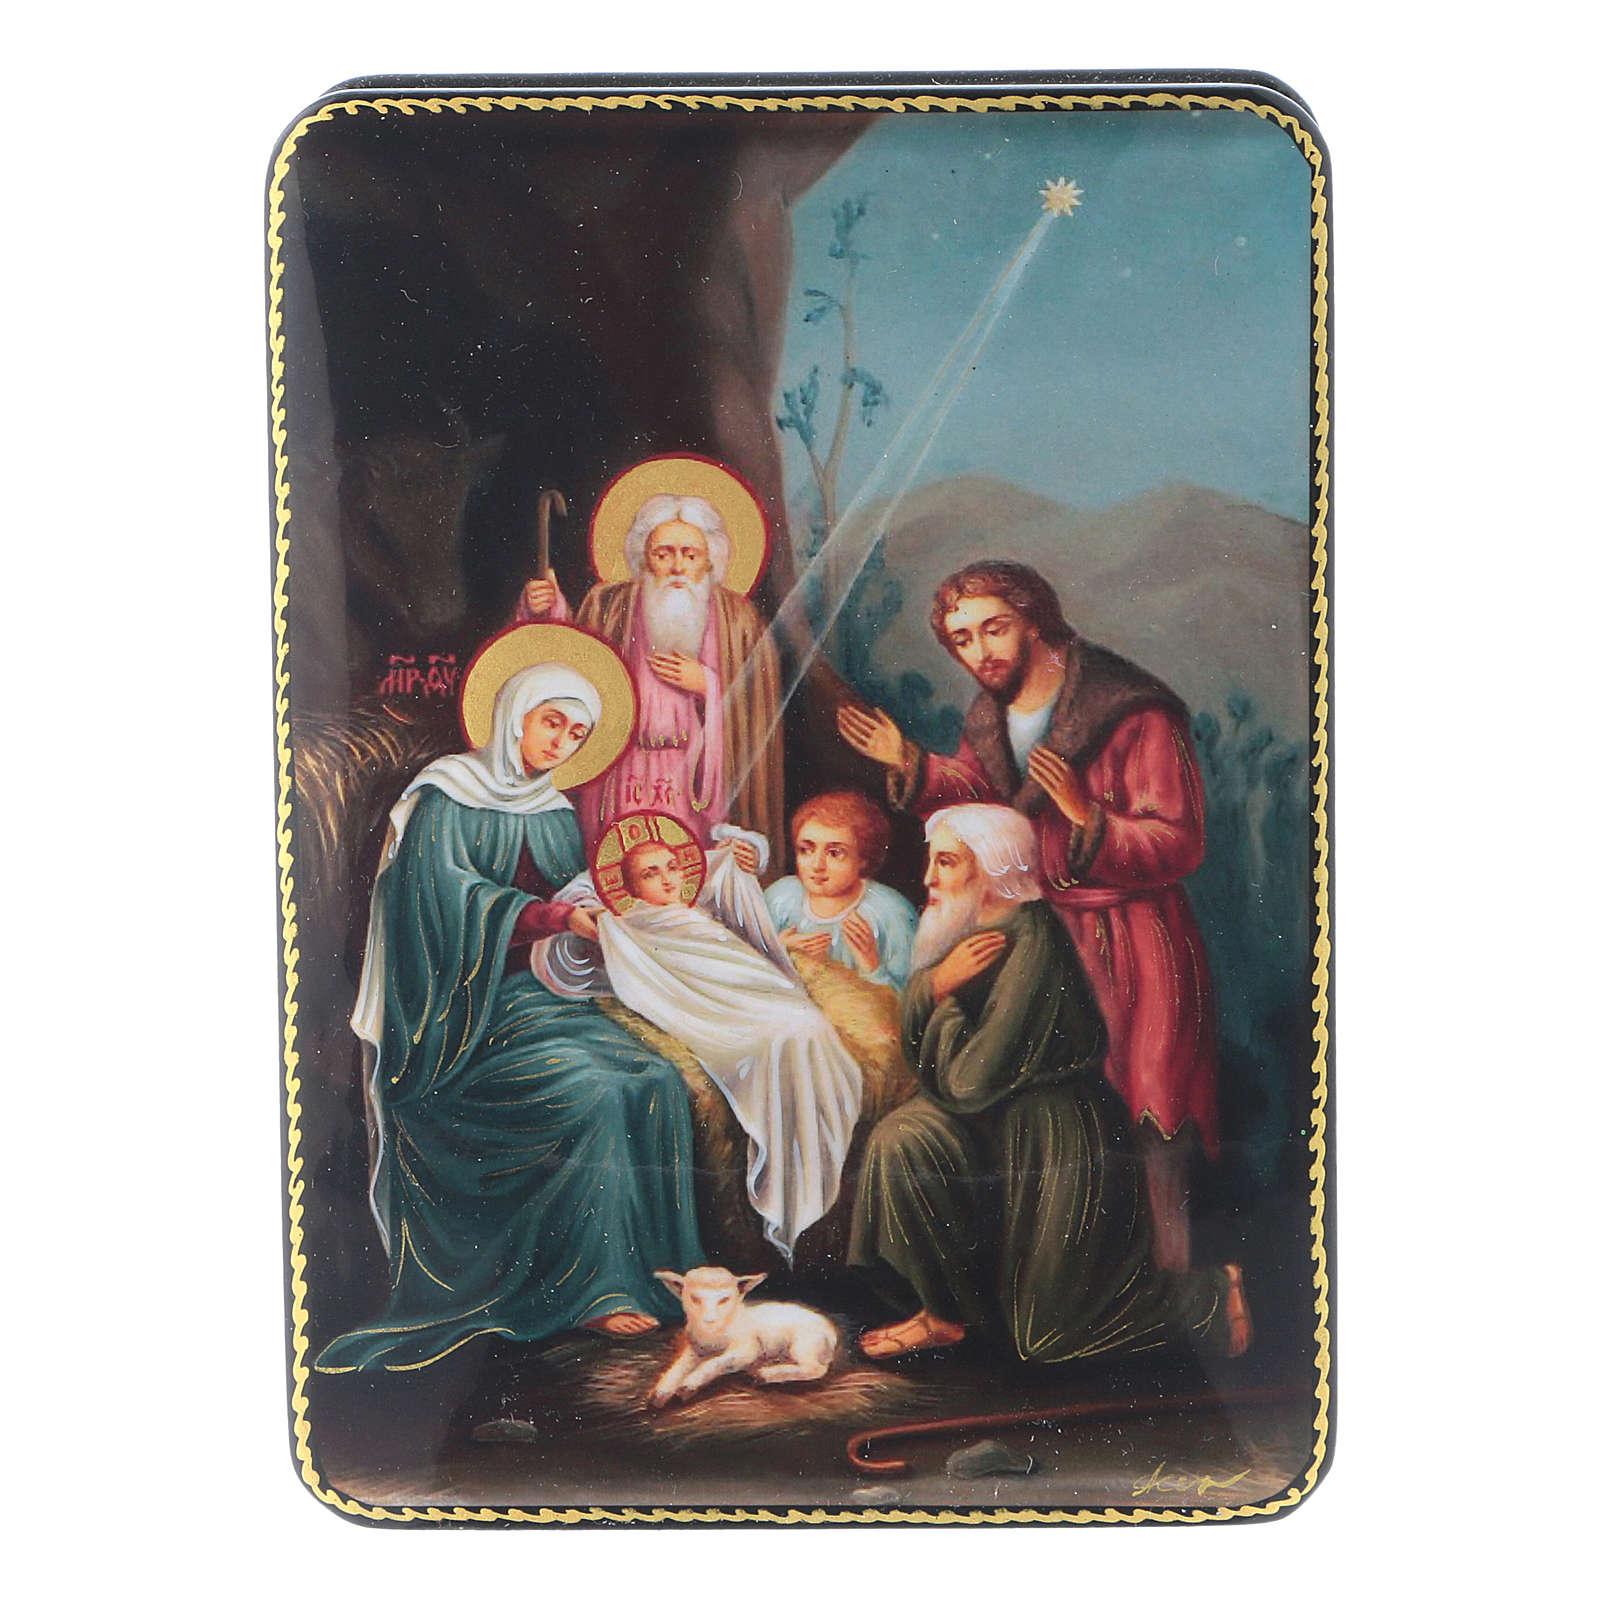 Lacca russa Papier-mâché Cristo, la nascita Fedoskino style 15x11 4